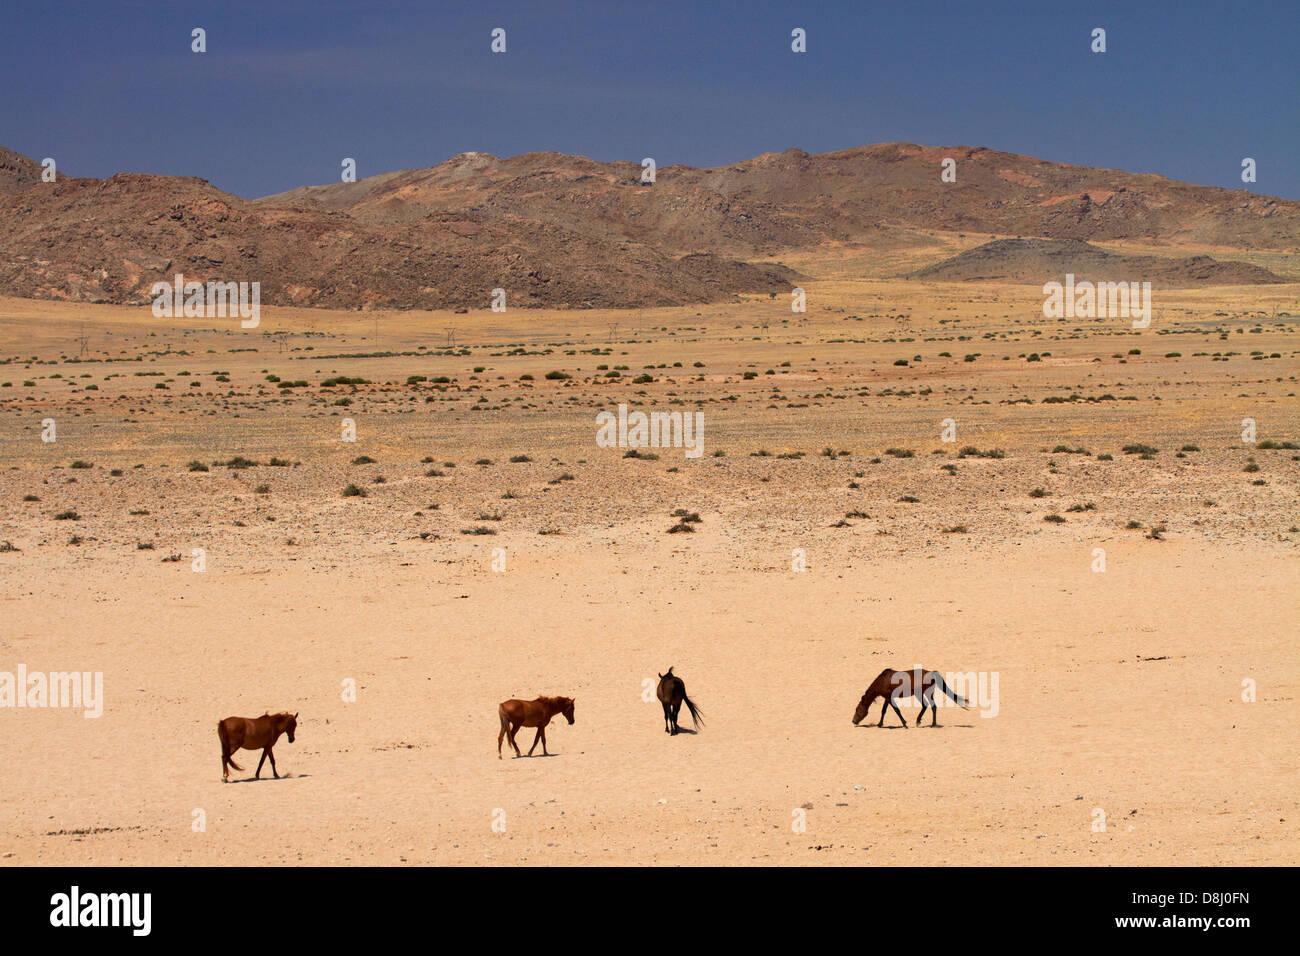 Les chevaux sauvages, Garub, Namib-Naukluft National Park, près de l'Aus, le sud de la Namibie, l'Afrique Photo Stock